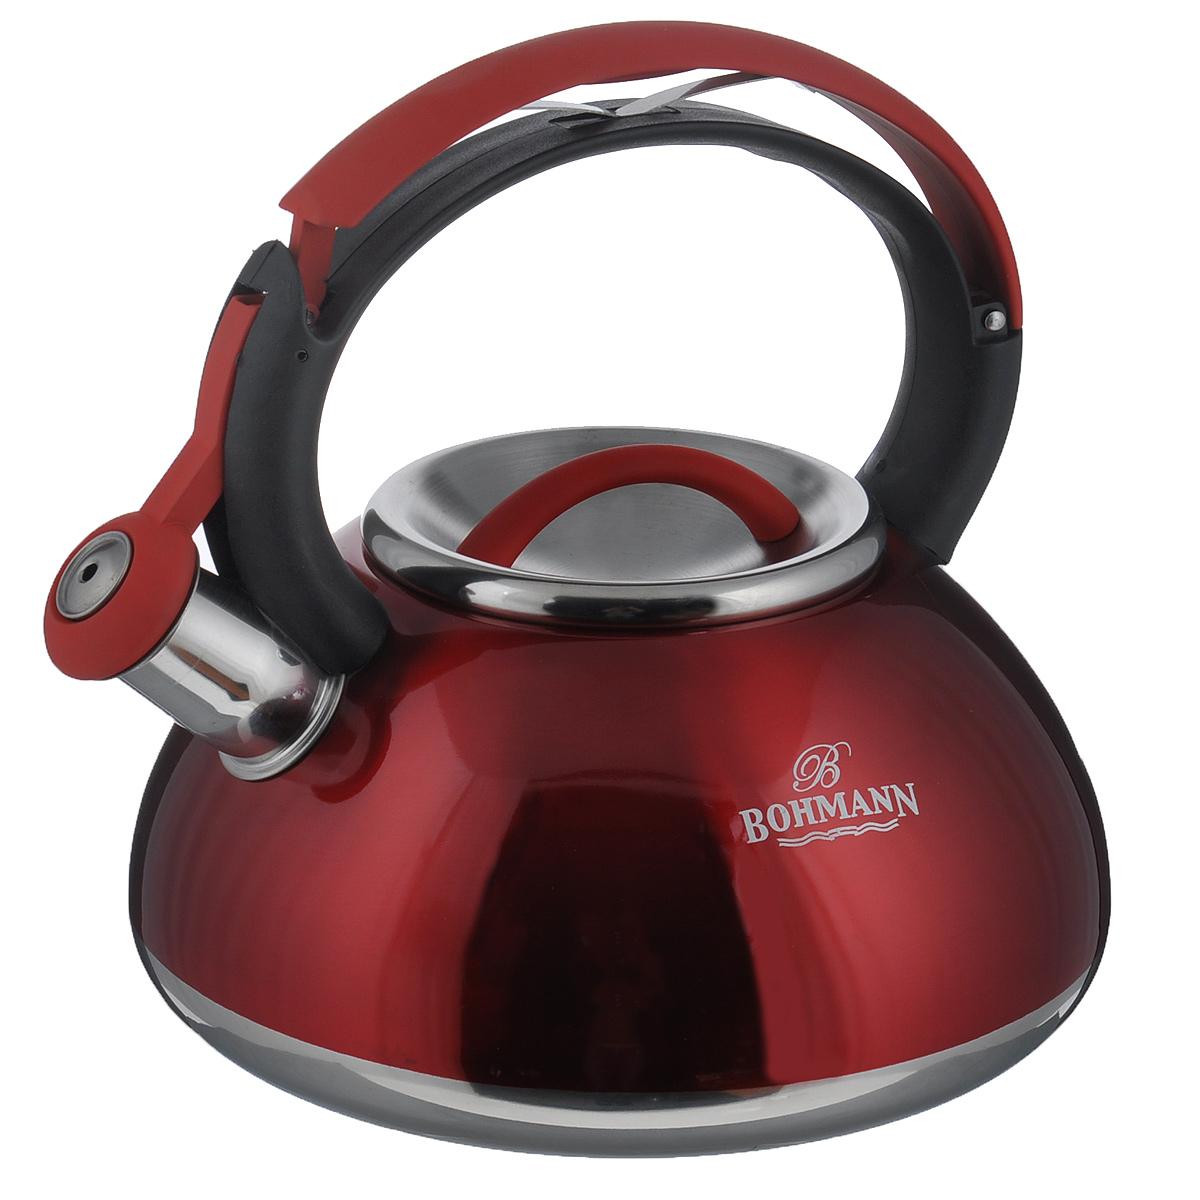 Чайник Bohmann со свистком, цвет: красный, 3 л. BH - 9939BH - 9939Чайник Bohmann изготовлен из высококачественной нержавеющей стали с глянцевым цветным покрытием. Фиксированная ручка изготовлена из бакелита с прорезиненным покрытием. Носик чайника оснащен откидным свистком, звуковой сигнал которого подскажет, когда закипит вода. Свисток открывается нажатием на ручку. Чайник Bohmann - качественное исполнение и стильное решение для вашей кухни. Подходит для использования на газовых, стеклокерамических, электрических, галогеновых плитах, не пригоден для индукционных плит. Также изделие можно мыть в посудомоечной машине. Высота чайника (без учета ручки и крышки): 10,5 см. Высота чайника (с учетом ручки): 22 см. Диаметр основания чайника: 21 см.